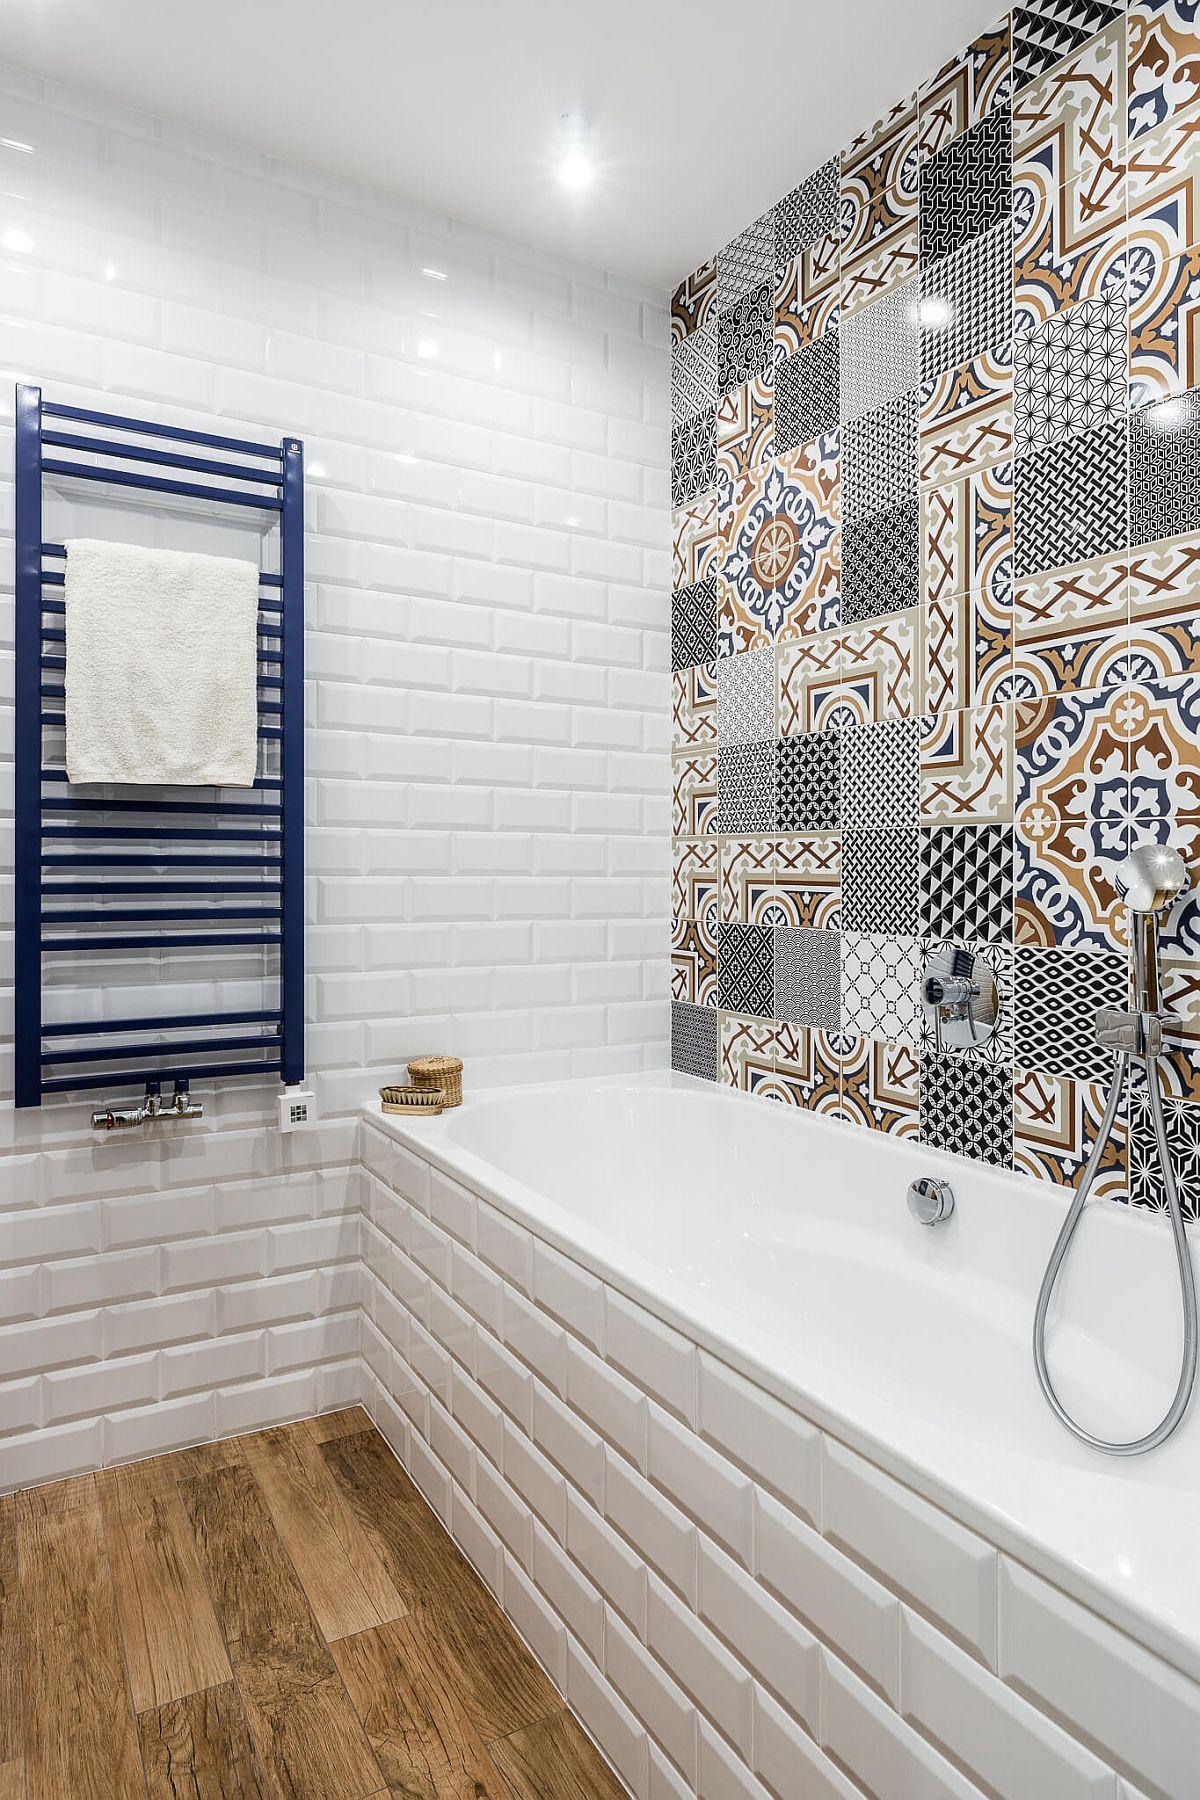 adelaparvu.com despre apartament de3 camere, 77 mp, design interior Magma, Foto Photo Mohito (15)